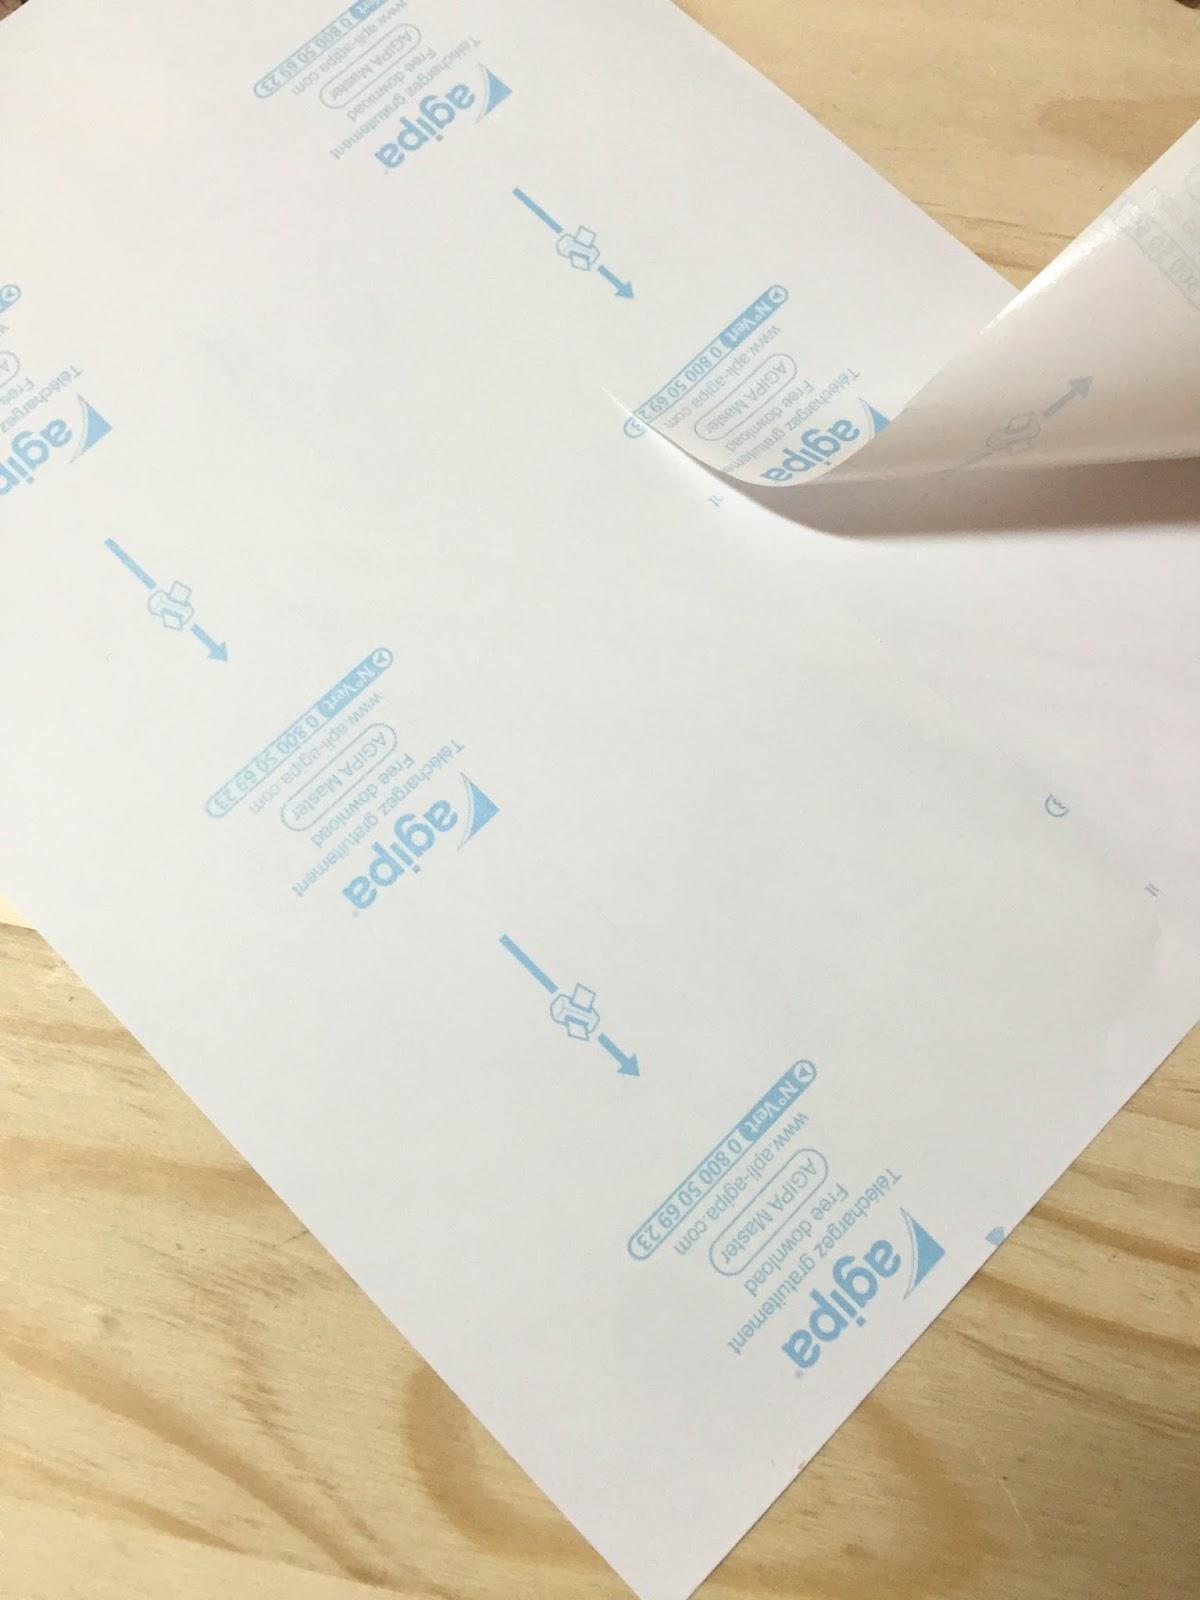 Minimel diy imprimer du tissu sur son imprimante pour faire des petits cadres sympas - Imprimer photo sur tissu ...